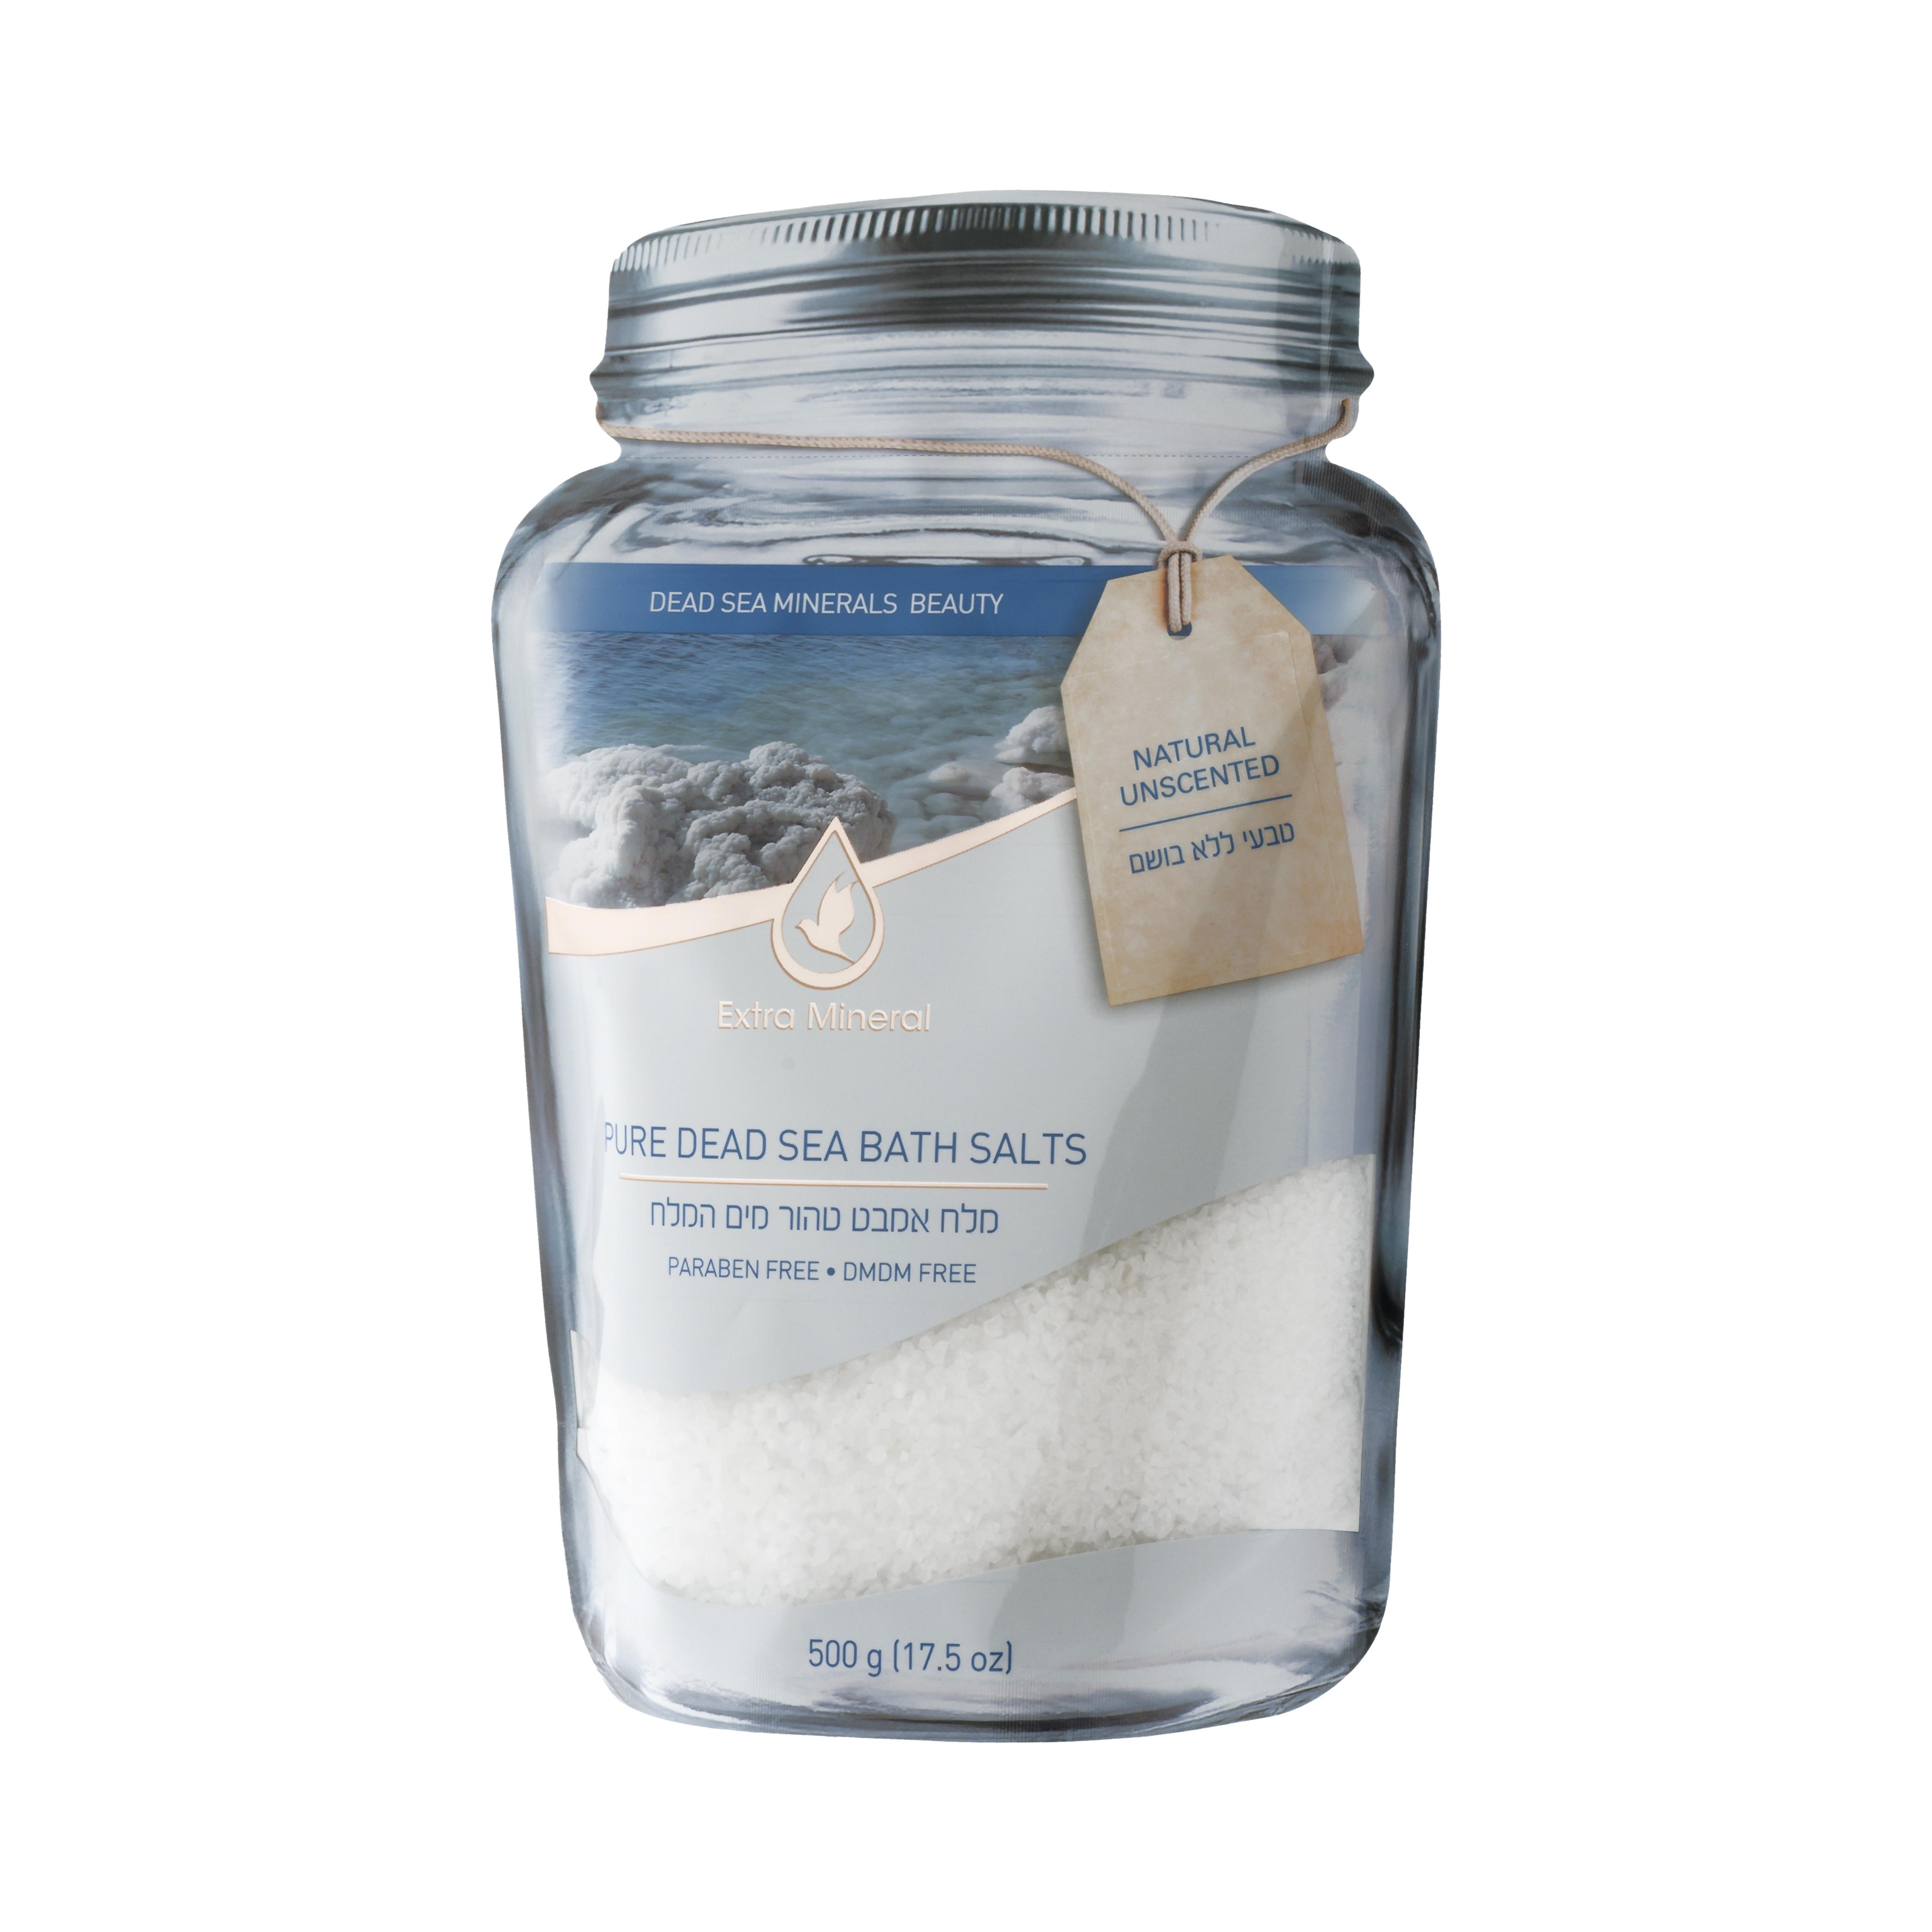 Extra Mineral Неароматизированная натуральная соль мертвого моря для ванн 500 млEXM2304Соль Мертвого моря Extra Mineral. Натуральный аромат. 100% соль Мертвого моря, обогащенная минералами Мертвого моря с естественным натуральным ароматом Мертвого моря. Соль Мертвого моря благотворно влияет на кожу и организм в целом, питая кожу минералами Мертвого моря, снимая напряжение в мышцах, органах, расслабляя и погружая в томную негу. Позвольте себе испытать ощущение полного расслабления на волшебном берегу Мертвого моря. Уникальная упаковка позволяет открывать и закрывать тубу многократно, сохраняя полезные свойства и аромат соли Мертвого моря Extra Mineral.